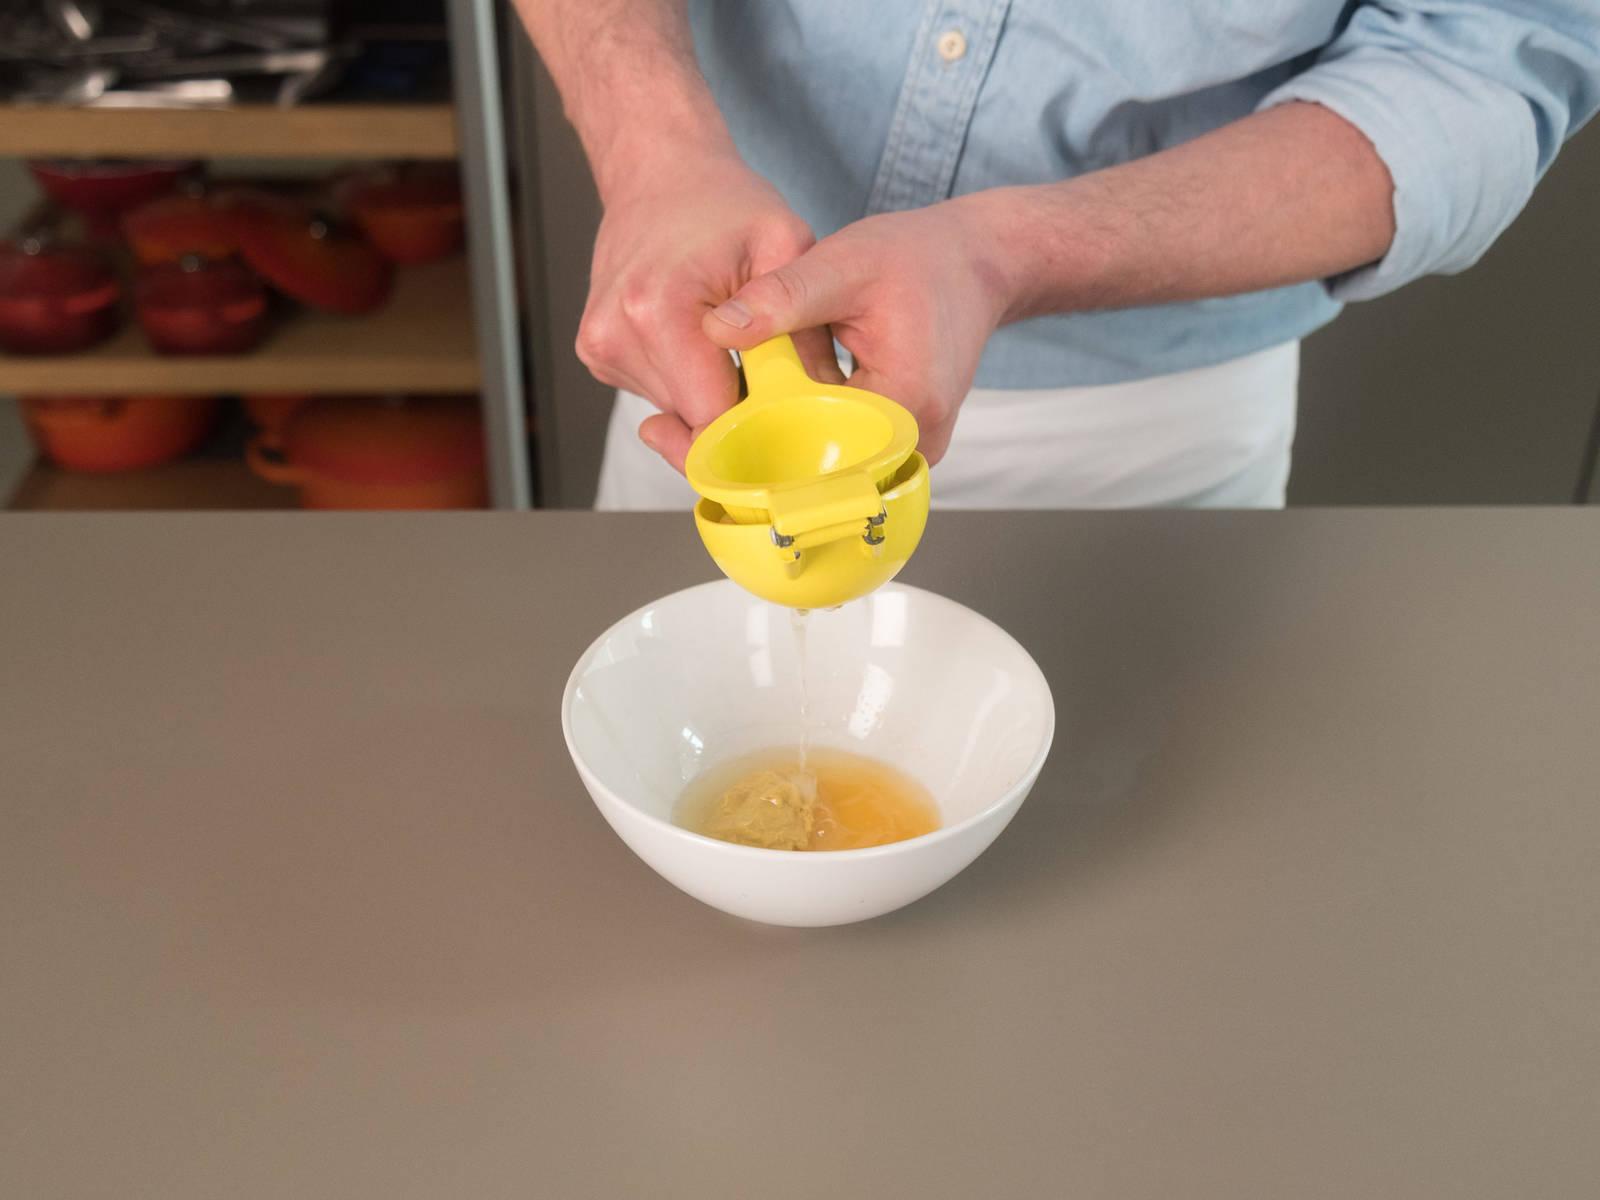 Für die Vinaigrette Olivenöl, Senf, Zitronensaft und den restlichen Orangensaft miteinander vermengen. Mit Salz und Pfeffer abschmecken.